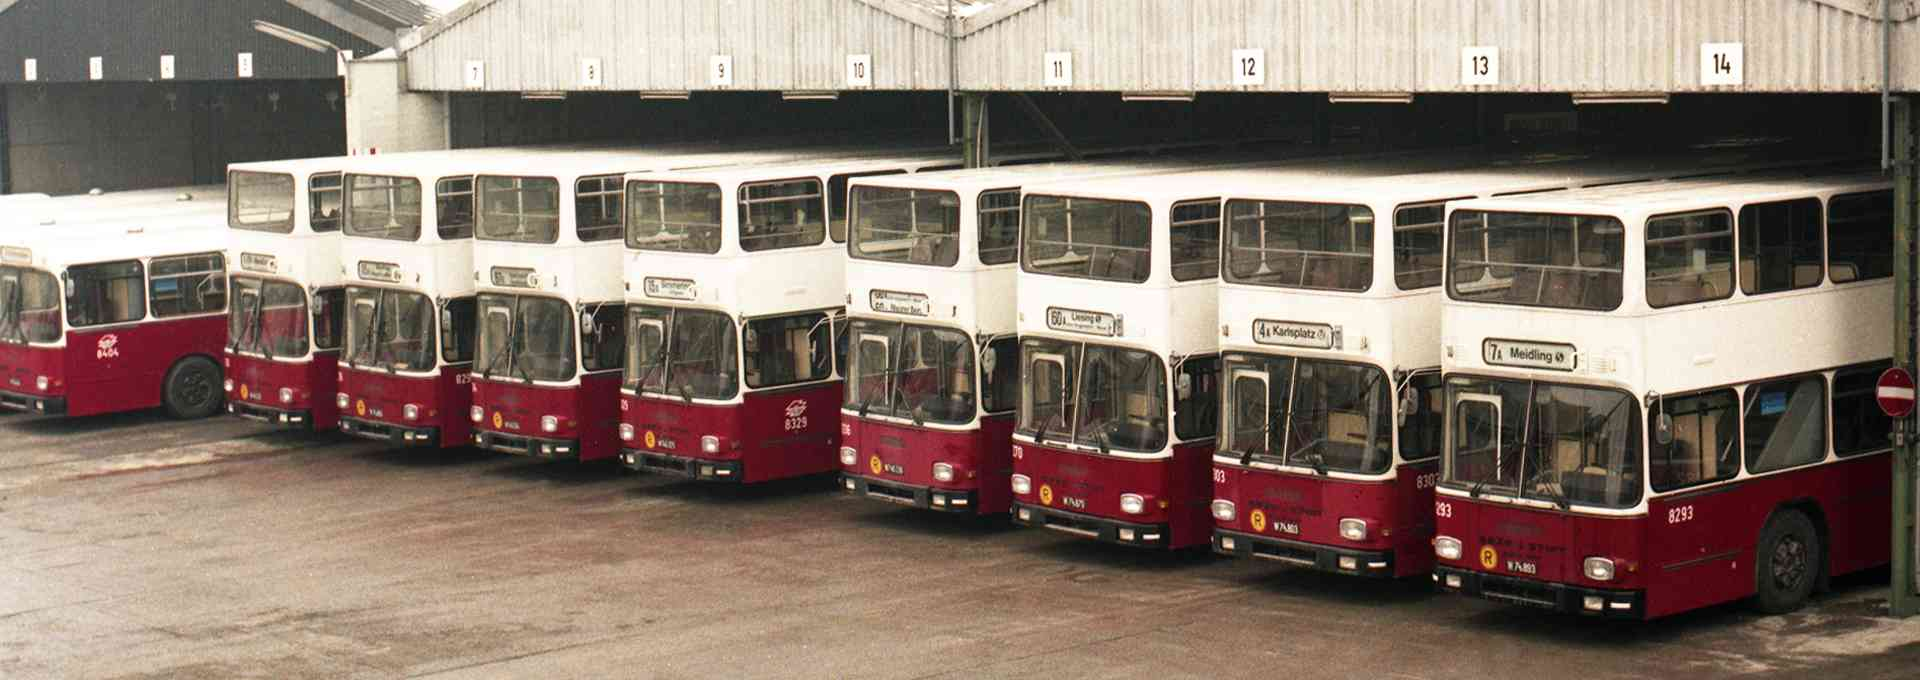 Zweistöckige Busse waren charakteristisch für die 80er.